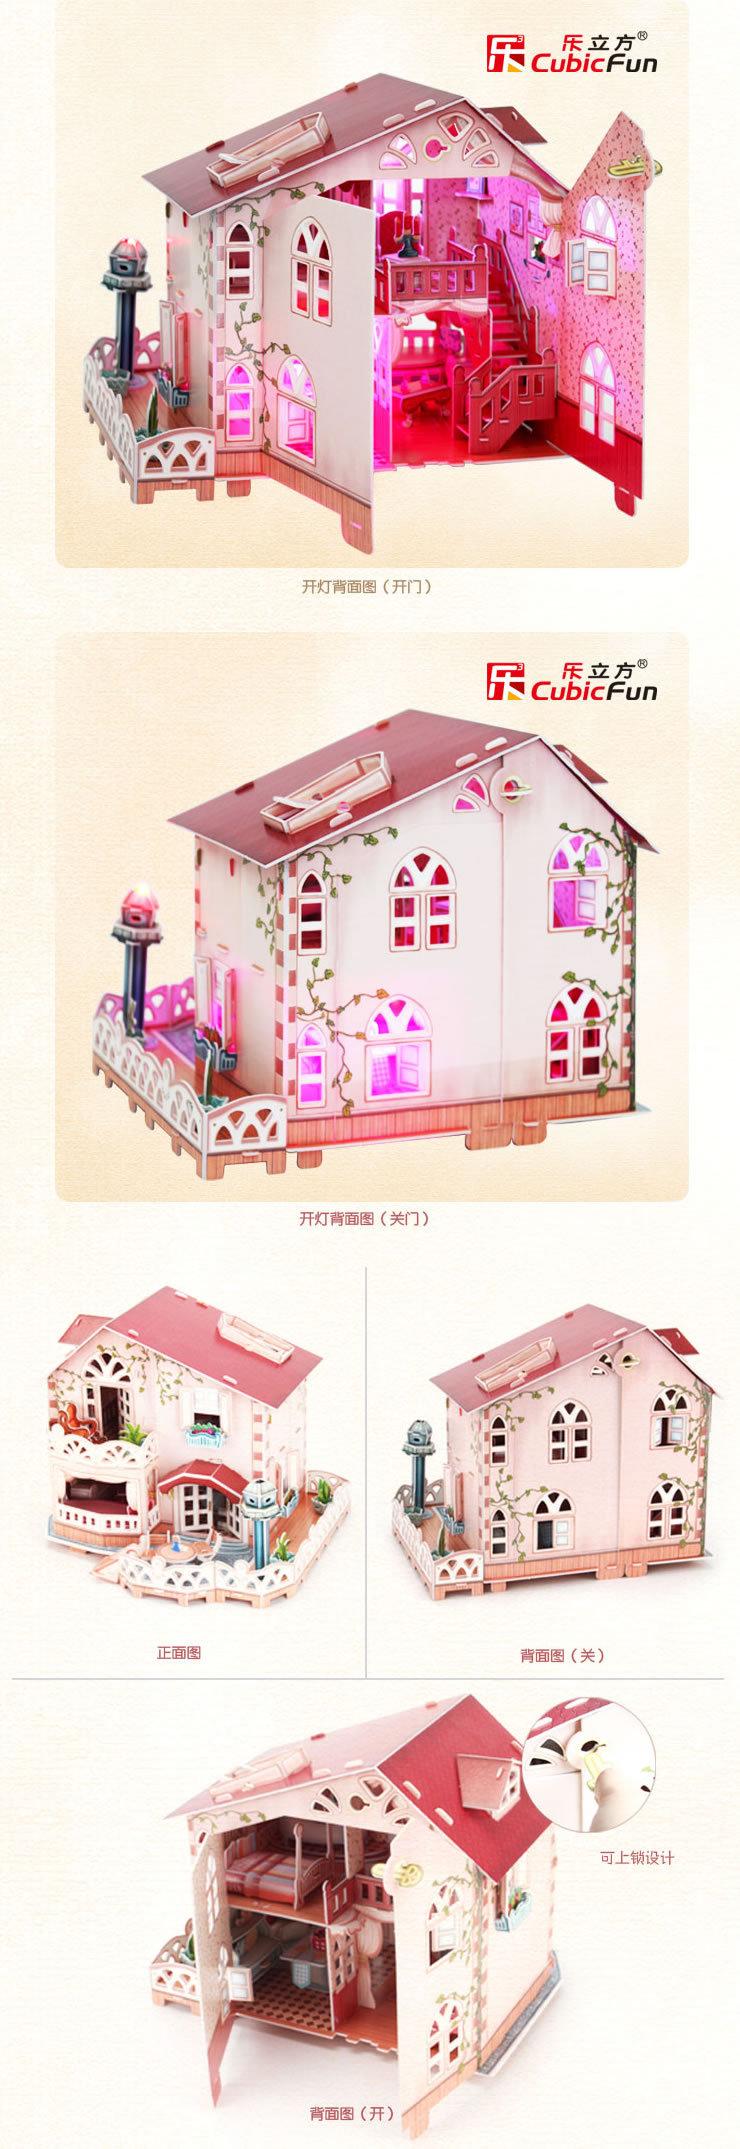 儿童玩具生日礼物女孩圣诞礼品手工diy小屋3d纸房子模型建筑拼装